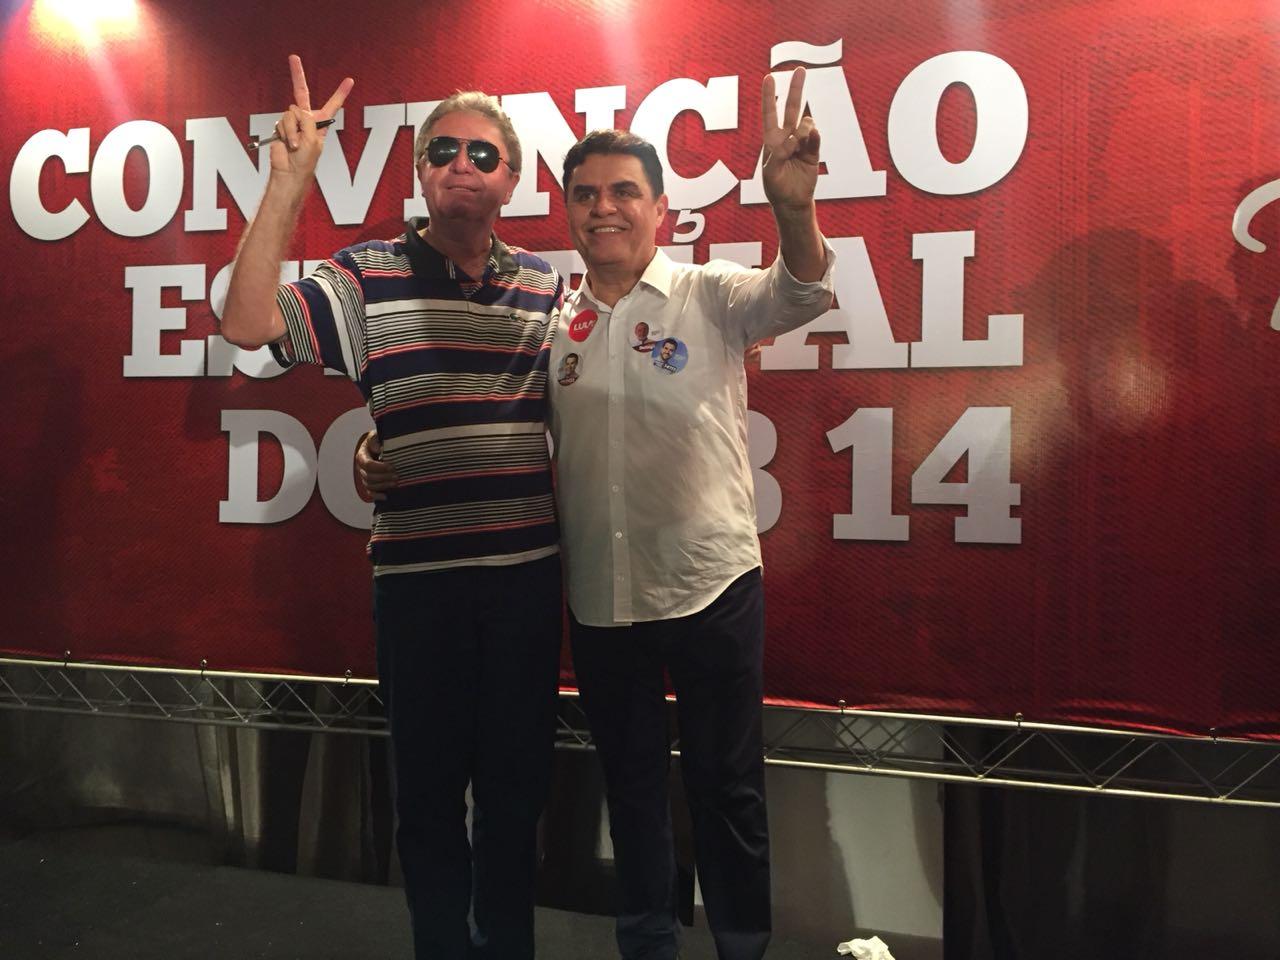 convenção estadual ptb 2 - PTB realiza convenção e Wilson Santiago critica limitações impostas pela lei eleitoral